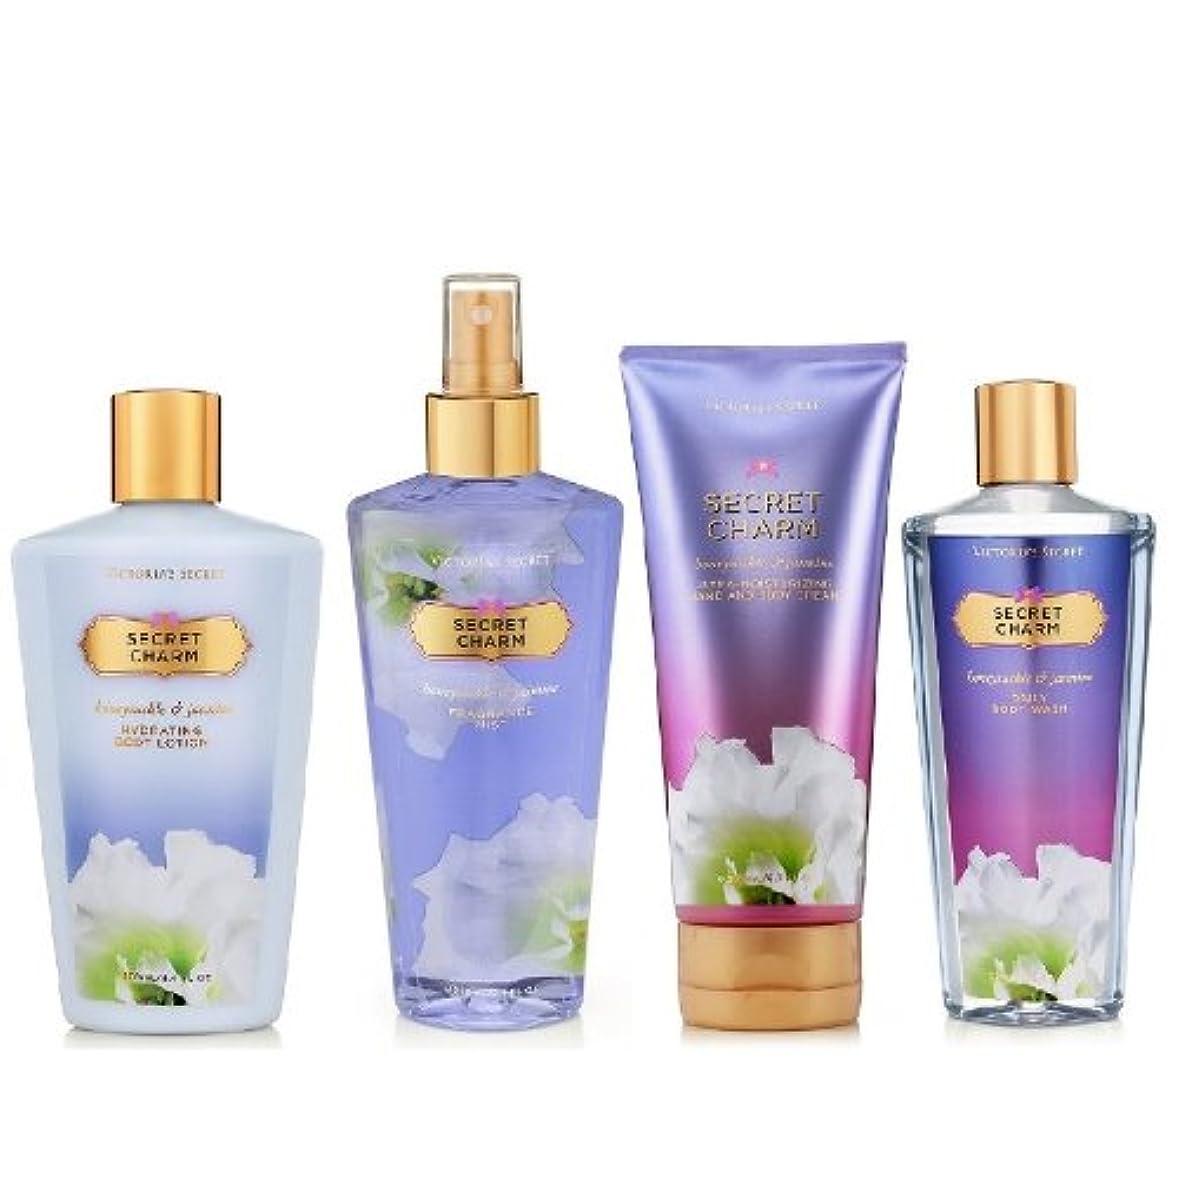 事務所スリップ不合格フレグランスミスト&ボディケア?4点セット VS Fantasies FragranceMist &BodyCare ヴィクトリアズシークレット (4.Secret Charm/シークレットチャーム)